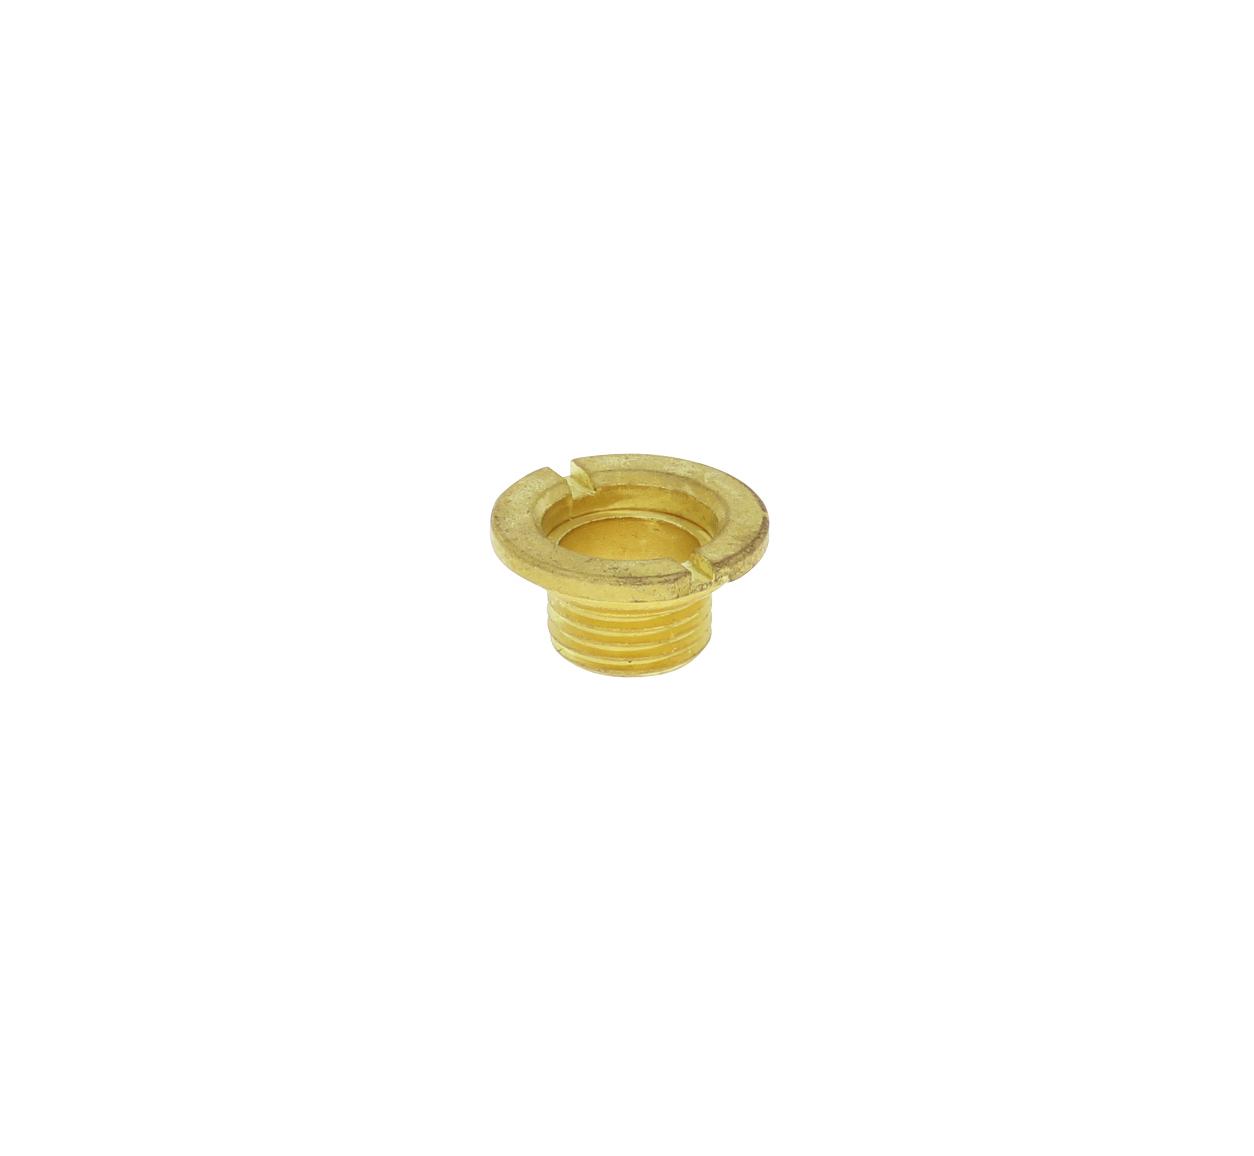 Centrale schroef M8 x 0,75 geel, kort